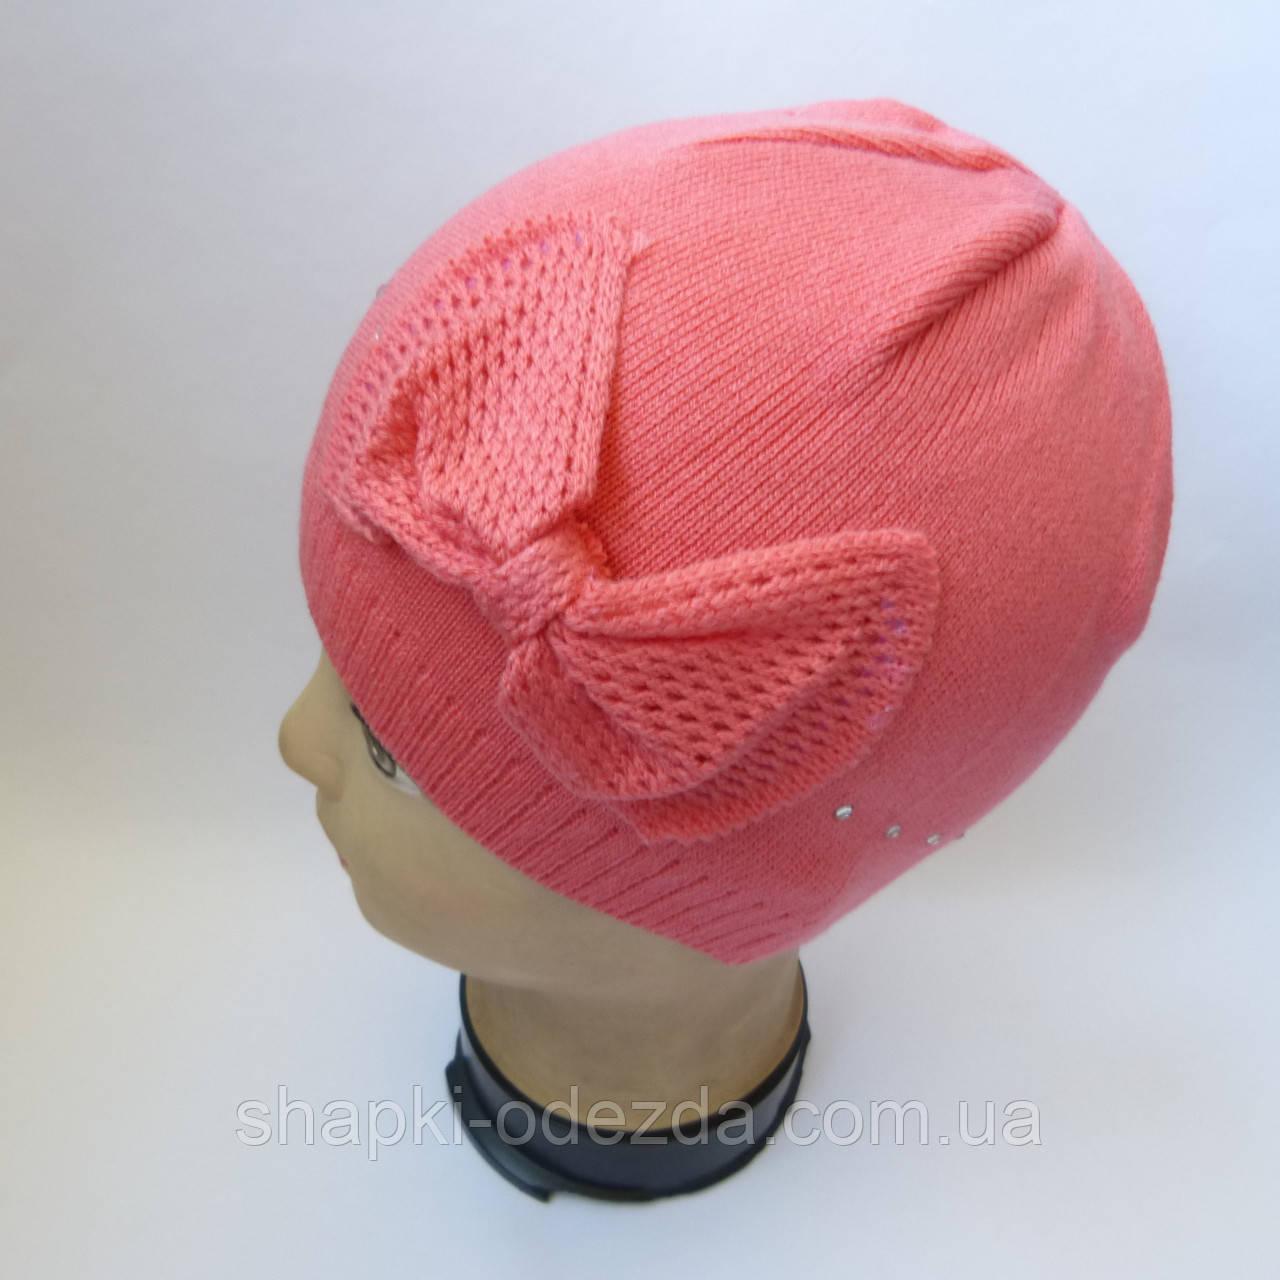 Детская вязаная шапка для девочки с бантиком 4-6 оптом